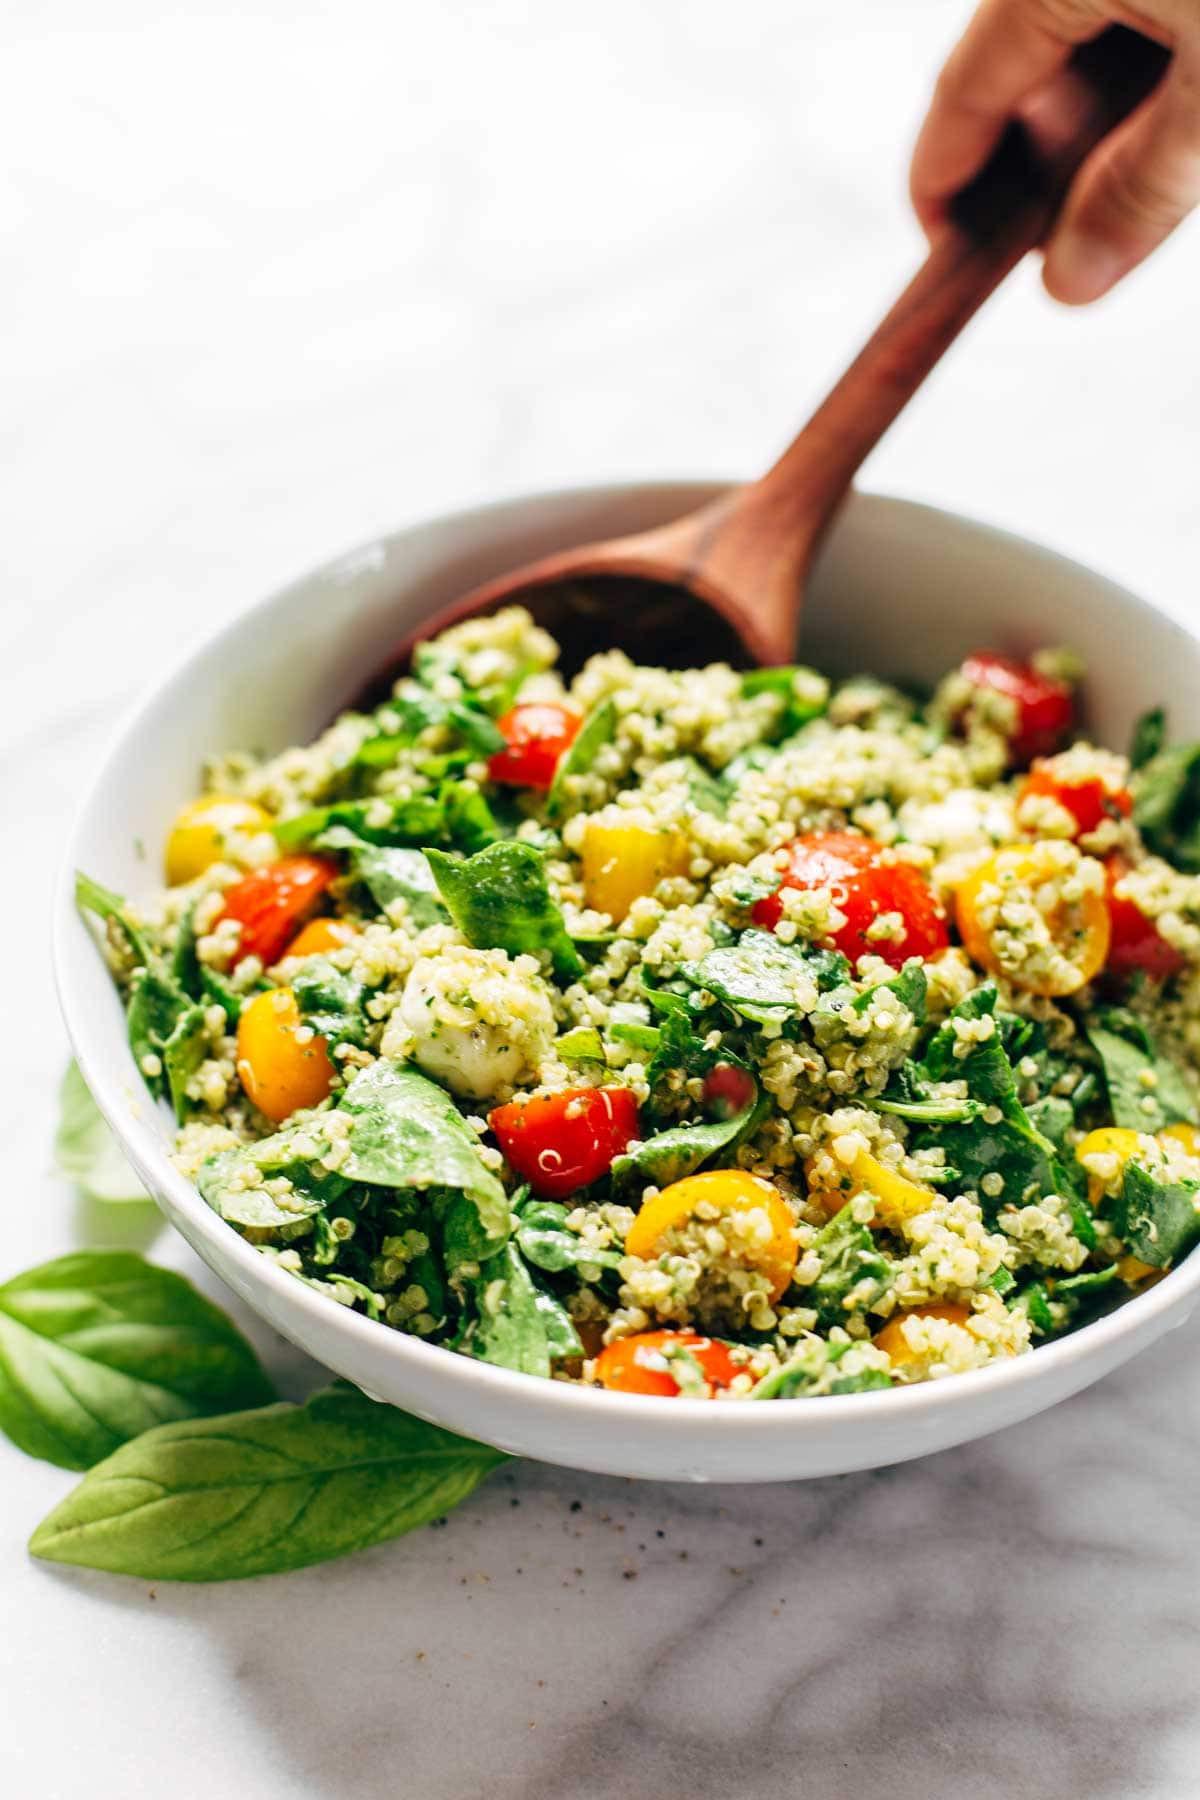 Quinoa Salad Recipes Healthy  Green Goddess Quinoa Summer Salad Recipe Pinch of Yum